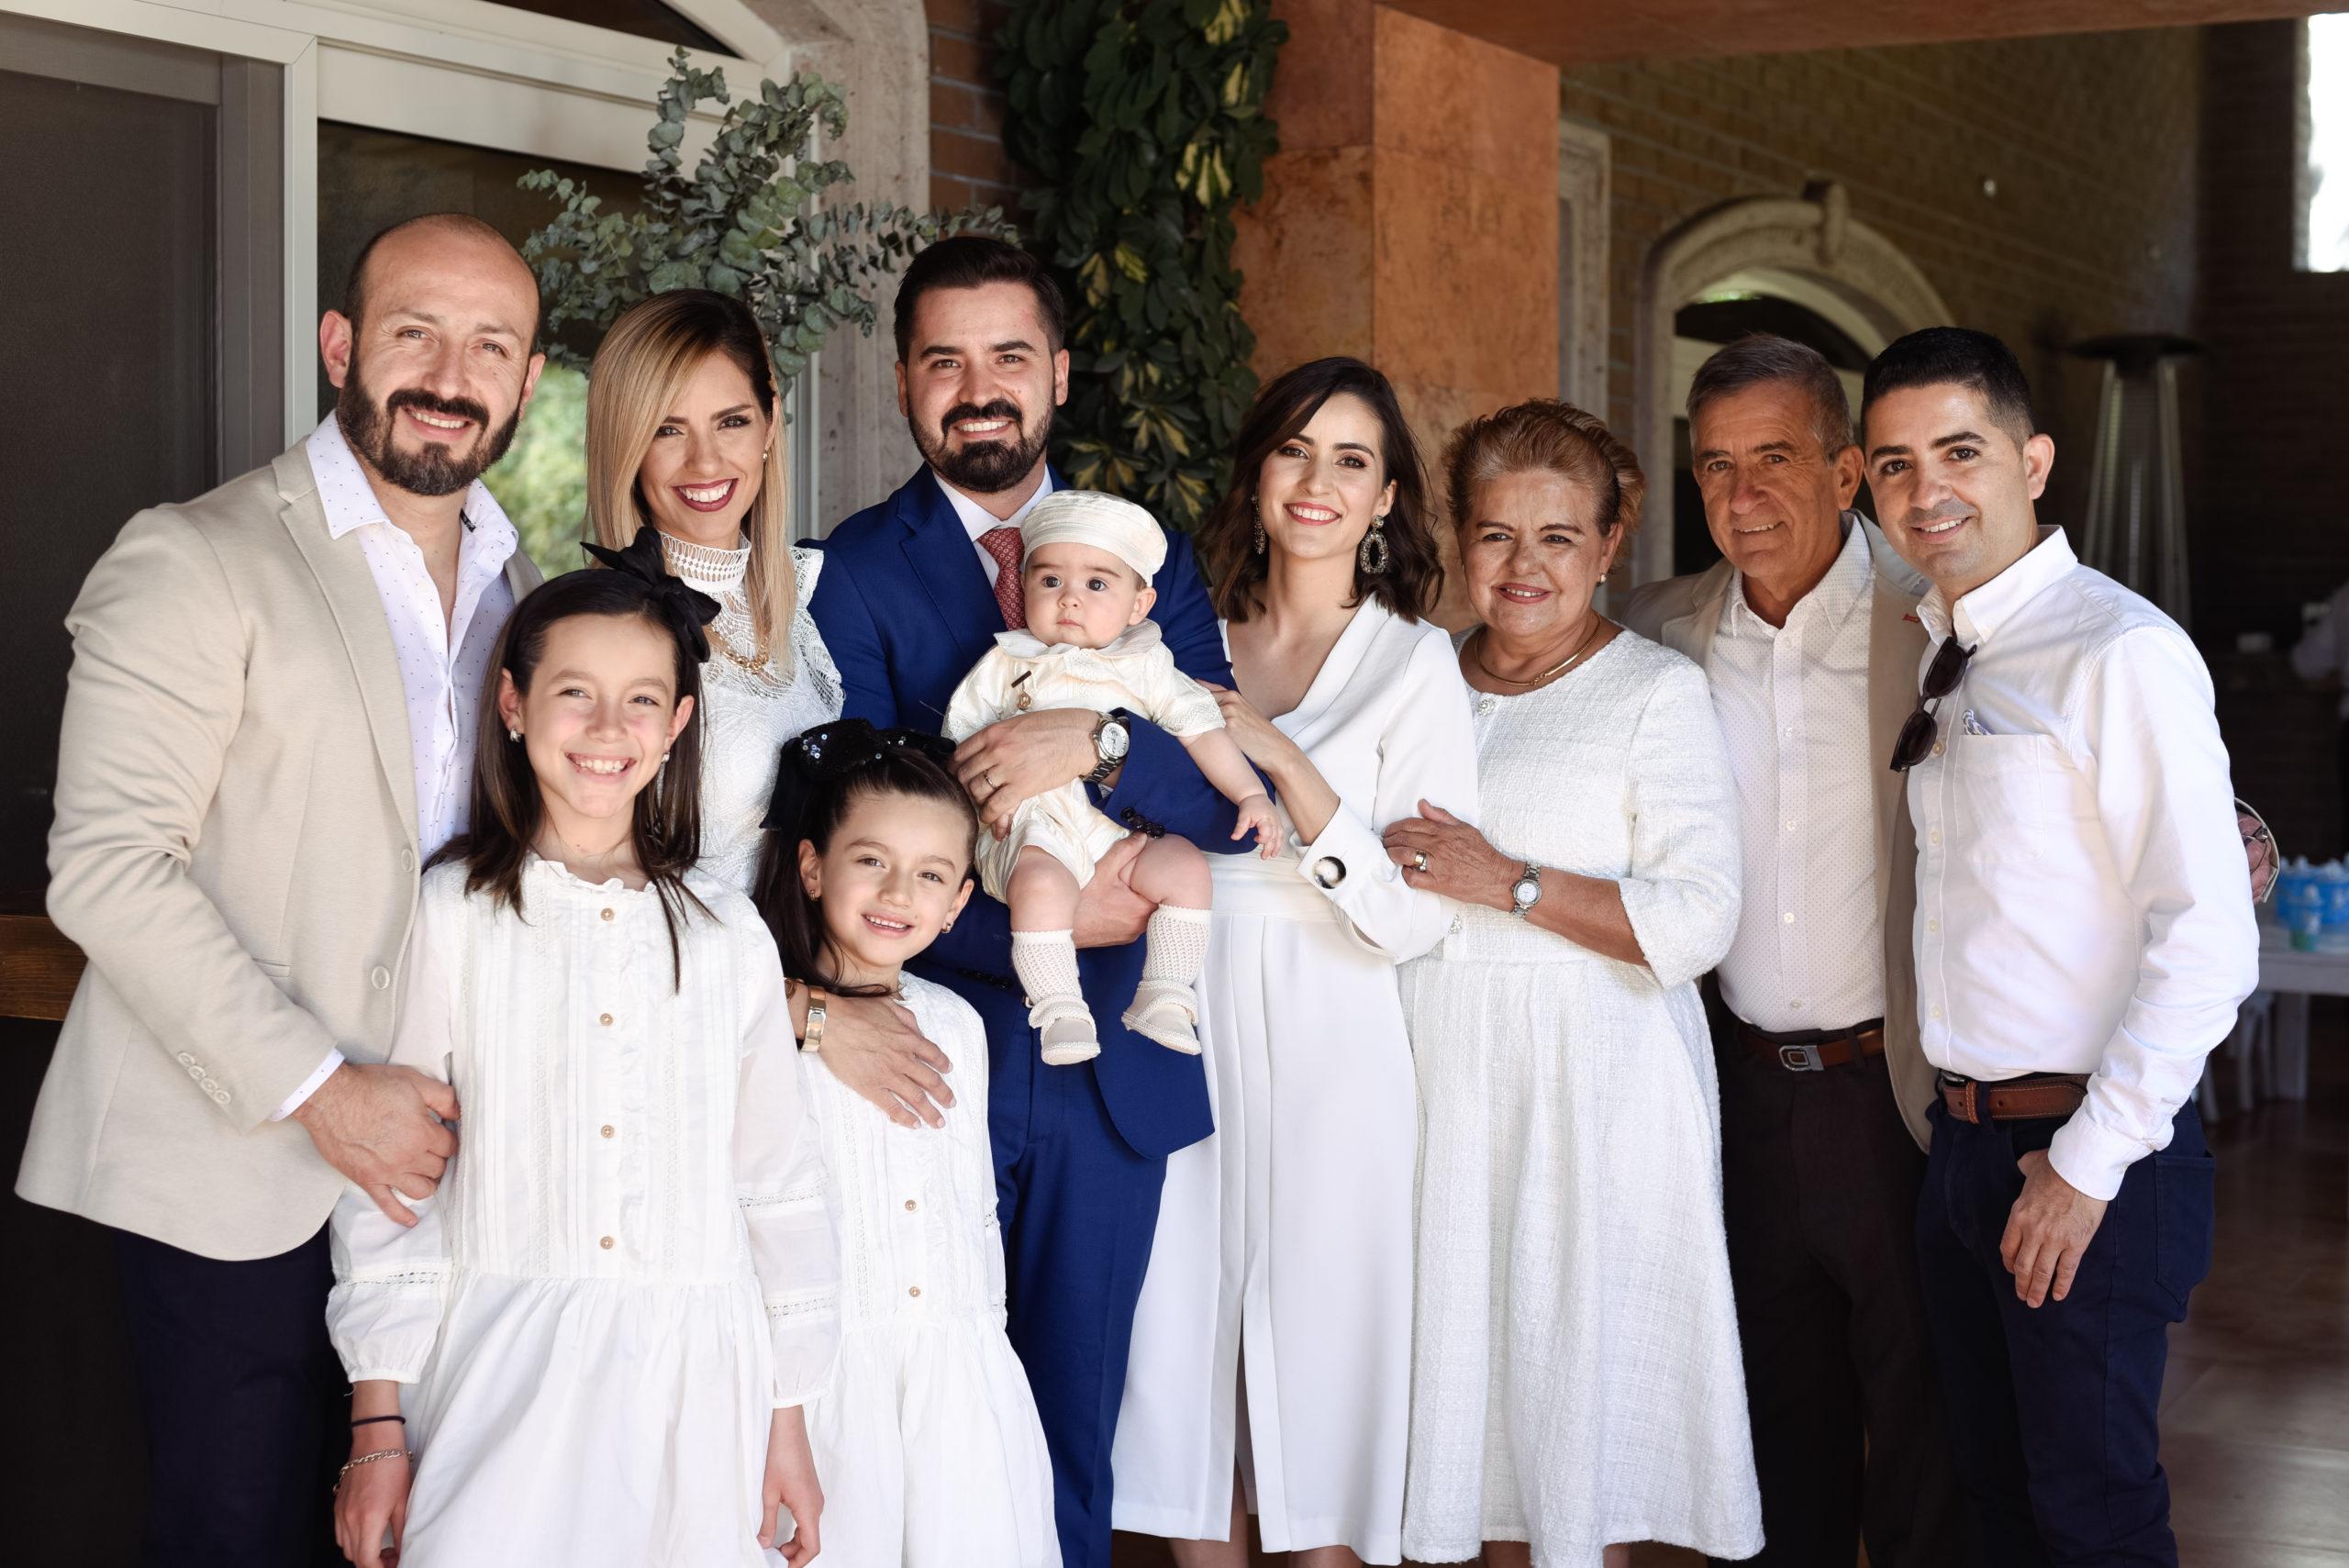 Chuy Barraza, Mayita Mellado, María Reneé Barraza, Ana Gaby Barraza. Jorge Alanís y Vero Mellado con Jorge, Marisela y Bernardo Mellado, y Bernardo Mellado.